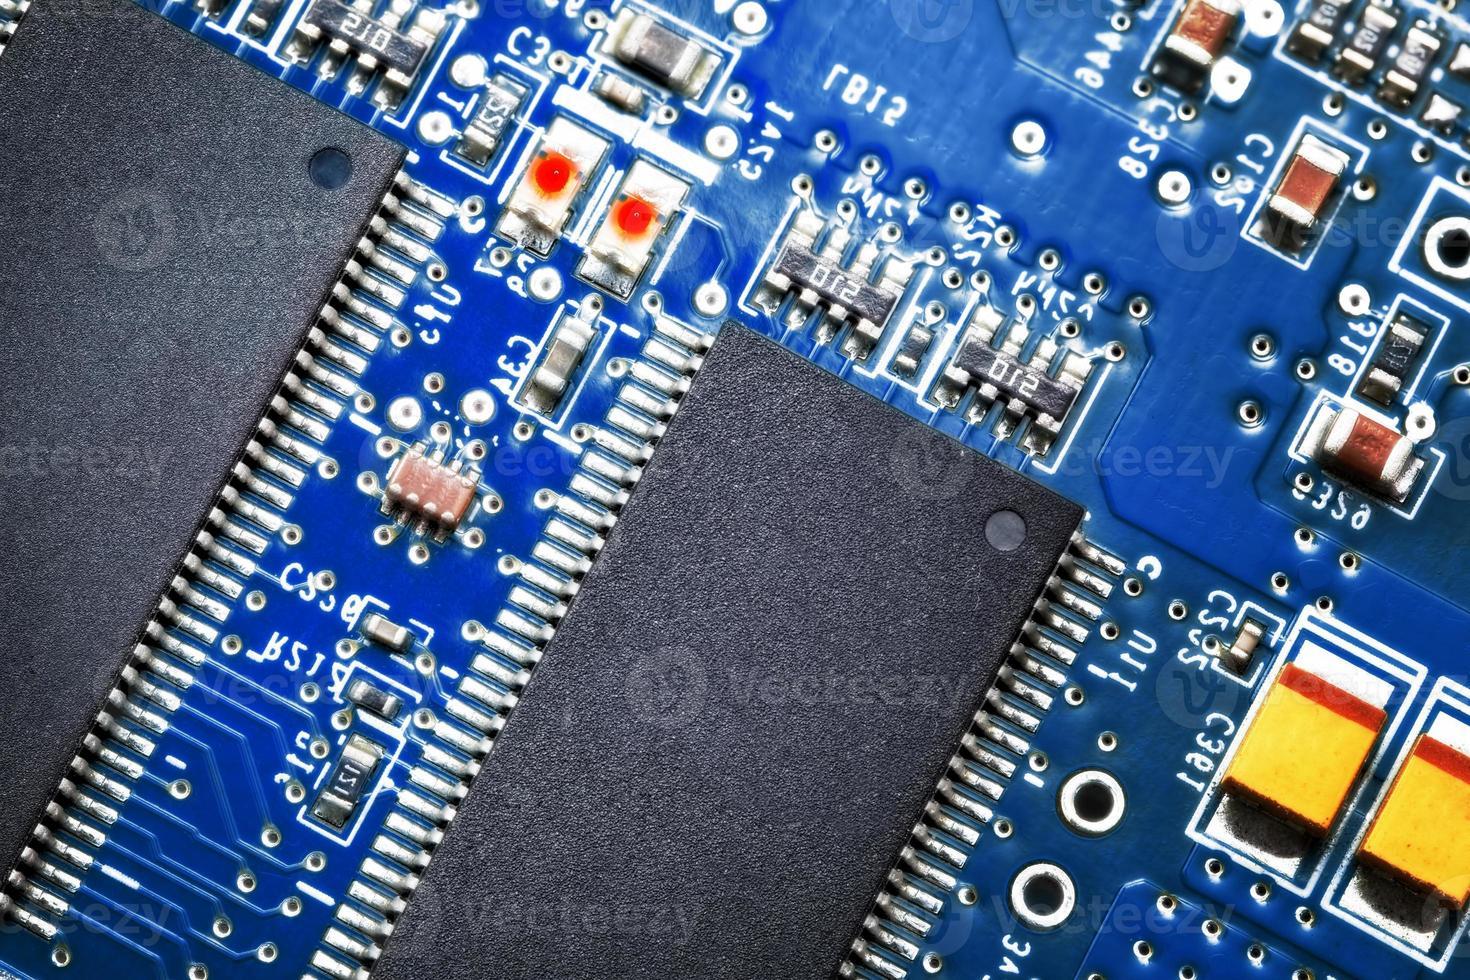 närbild av elektroniskt kretskort. makro. foto